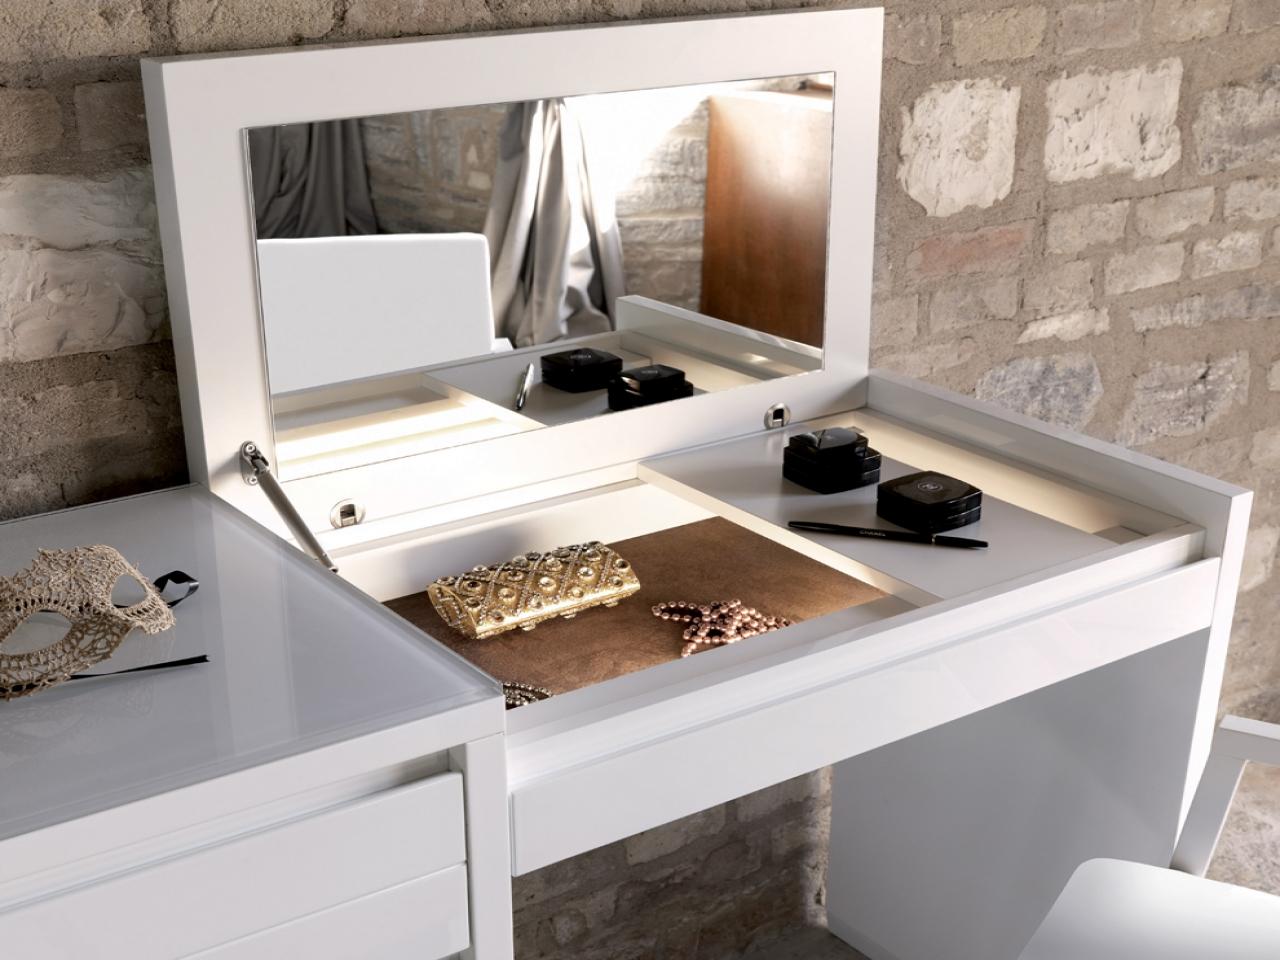 Ikea Hemnes Cassettiera Con Specchio.Una Cassettiera Con Uno Specchio Nella Camera Da Letto 39 Foto